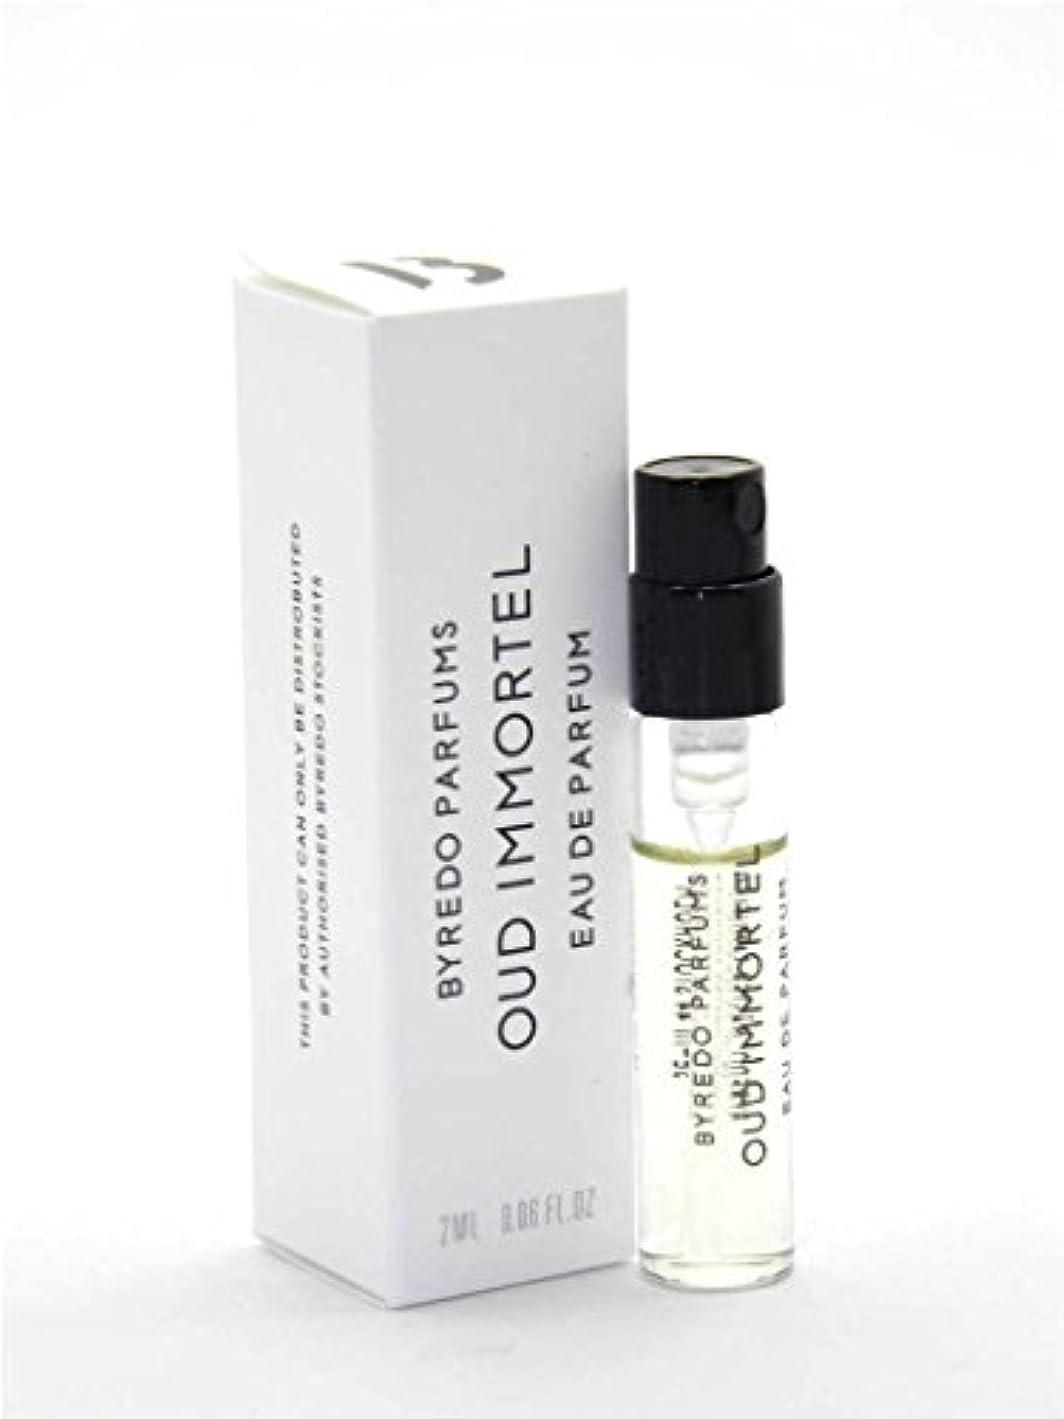 落とし穴非難する援助するByredo Parfums Oud Immortel EDP Vial Sample(バレード ウード インモーテル オードパルファム)2ml サンプル